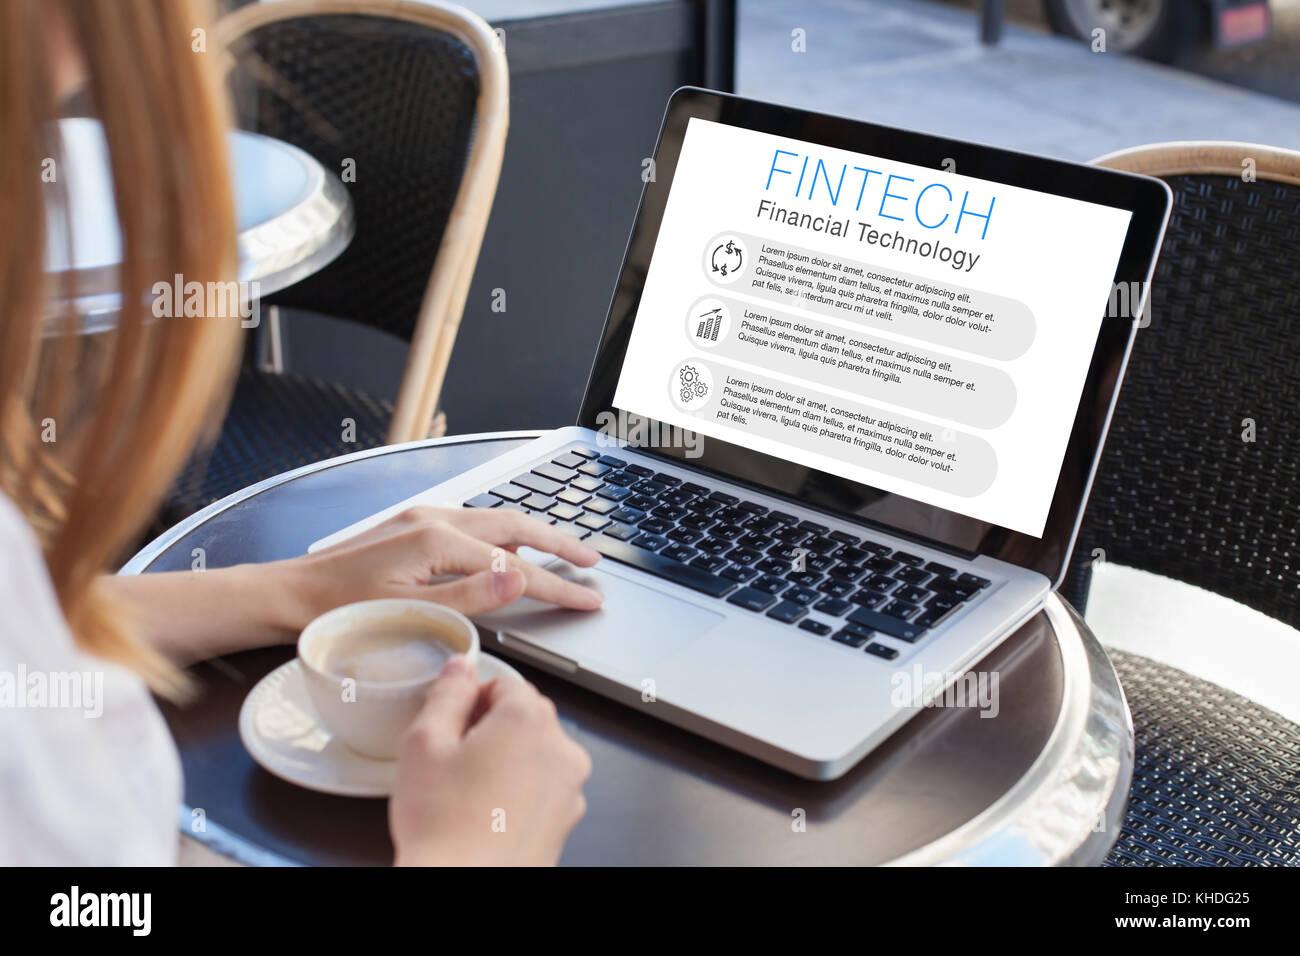 Concepto fintech, mujer leyendo sobre tecnología financiera en la pantalla de ordenador Imagen De Stock